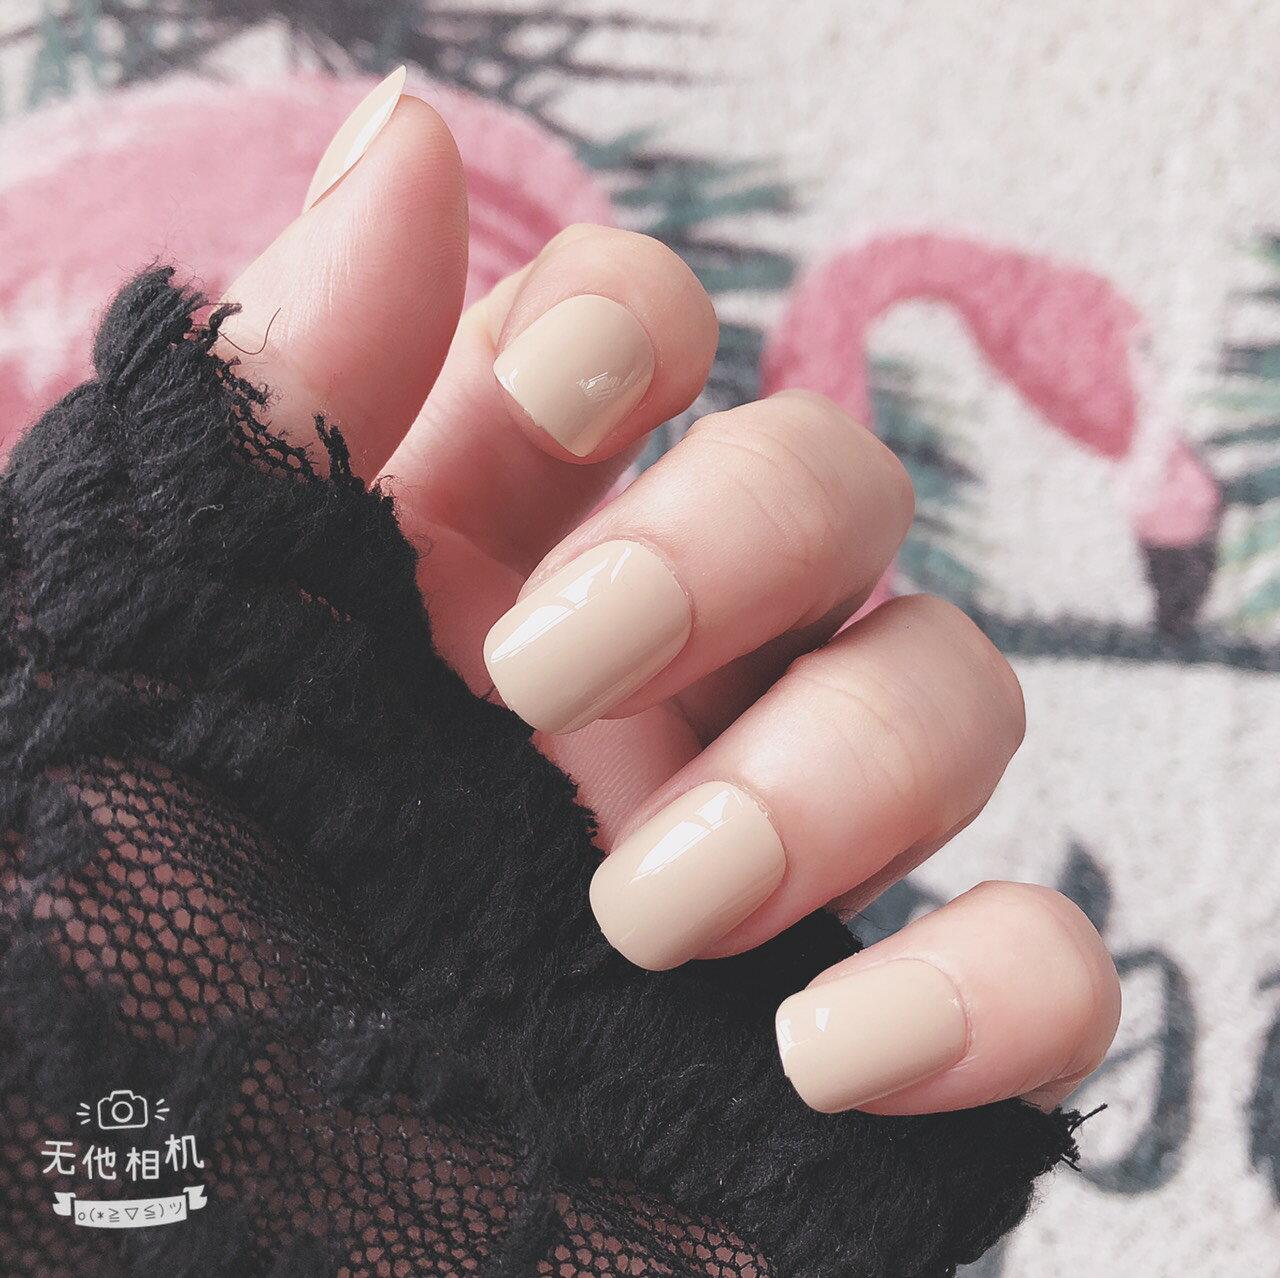 現貨~ NWP0005 氣質米短款 美甲成品甲片 純色少女 可穿戴式 可拆卸 網紅 指甲貼